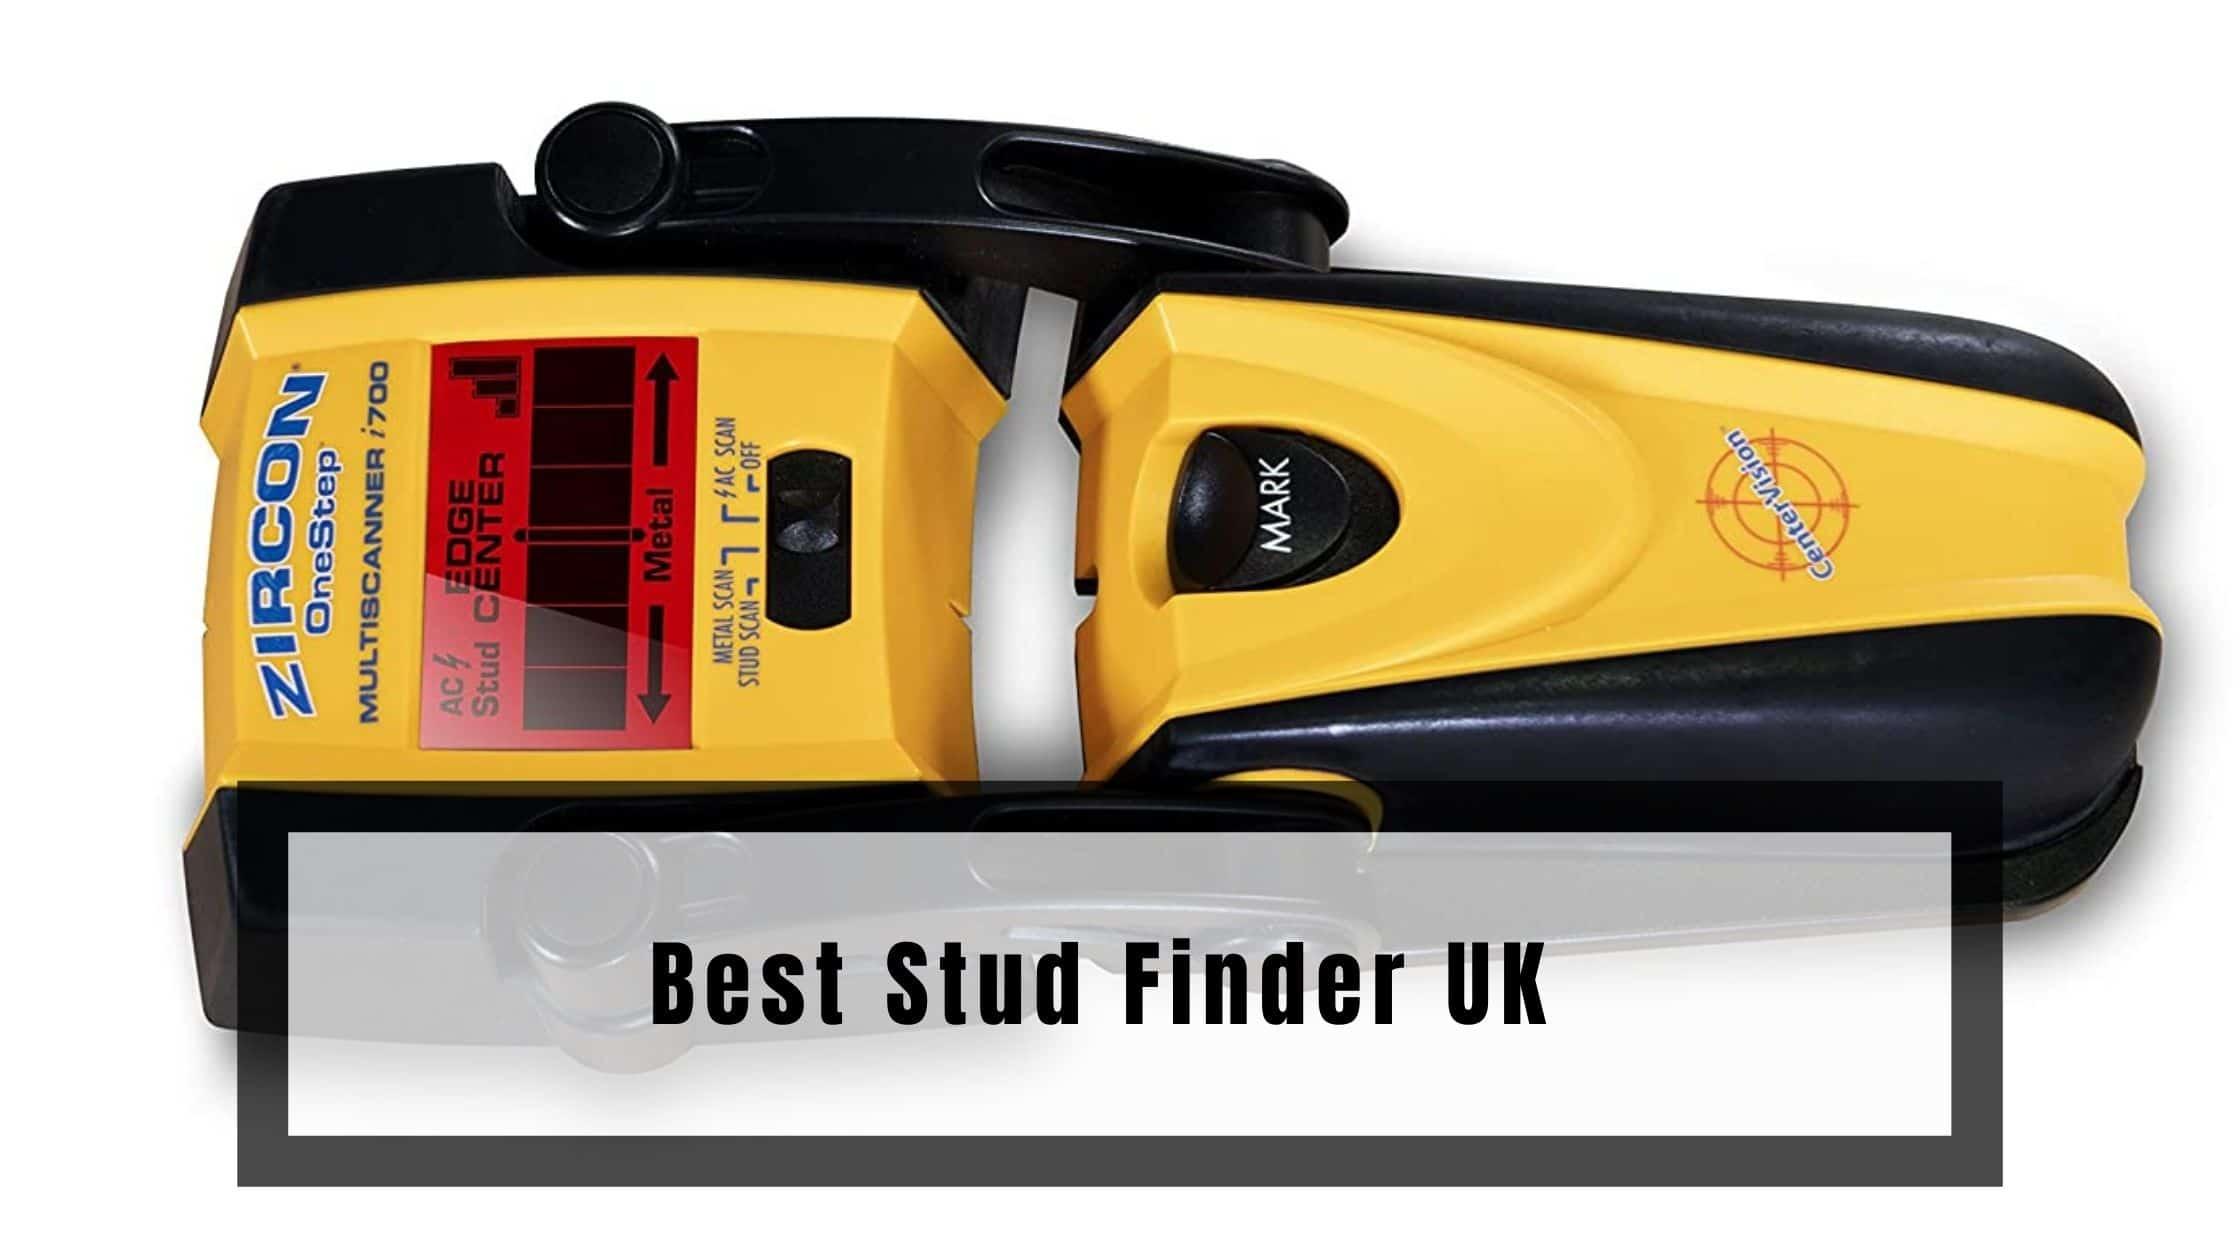 Best Stud Finder UK